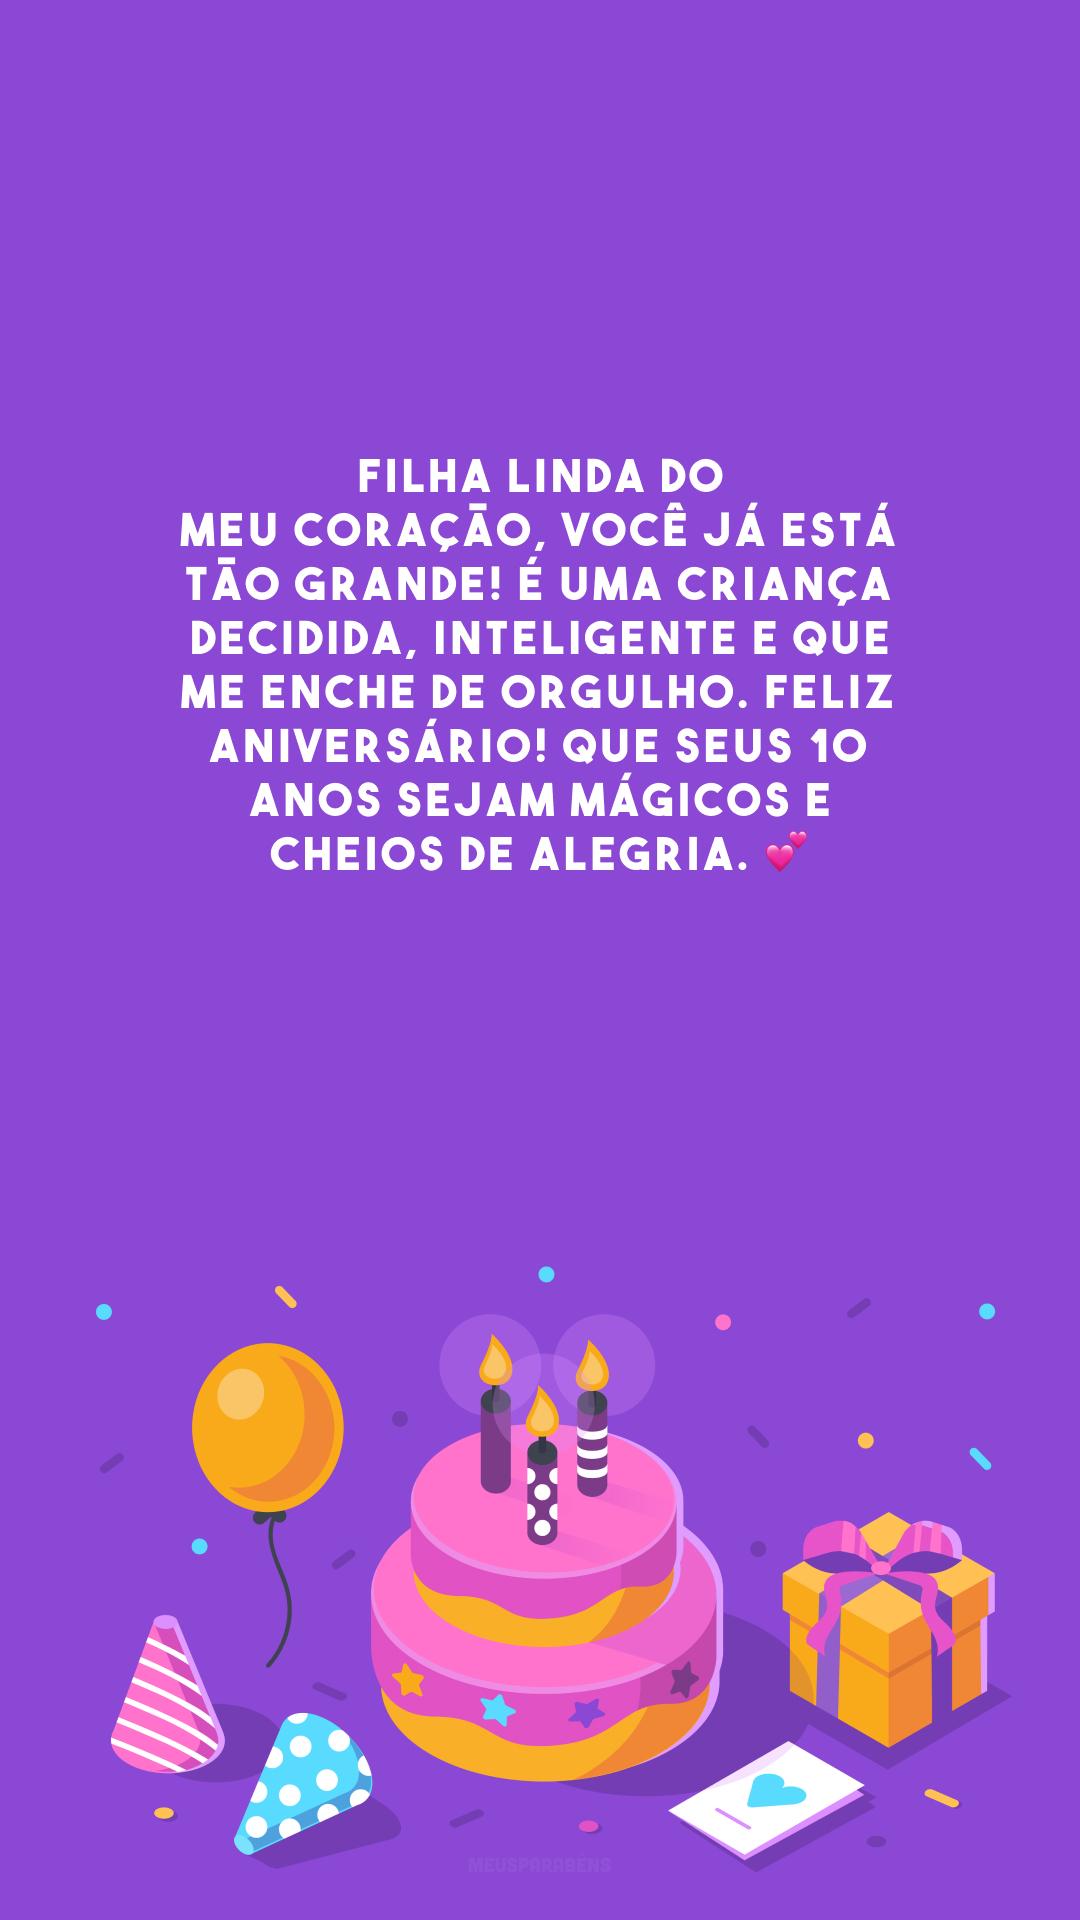 Filha linda do meu coração, você já está tão grande! É uma criança decidida, inteligente e que me enche de orgulho. Feliz aniversário! Que seus 10 anos sejam mágicos e cheios de alegria. 💕